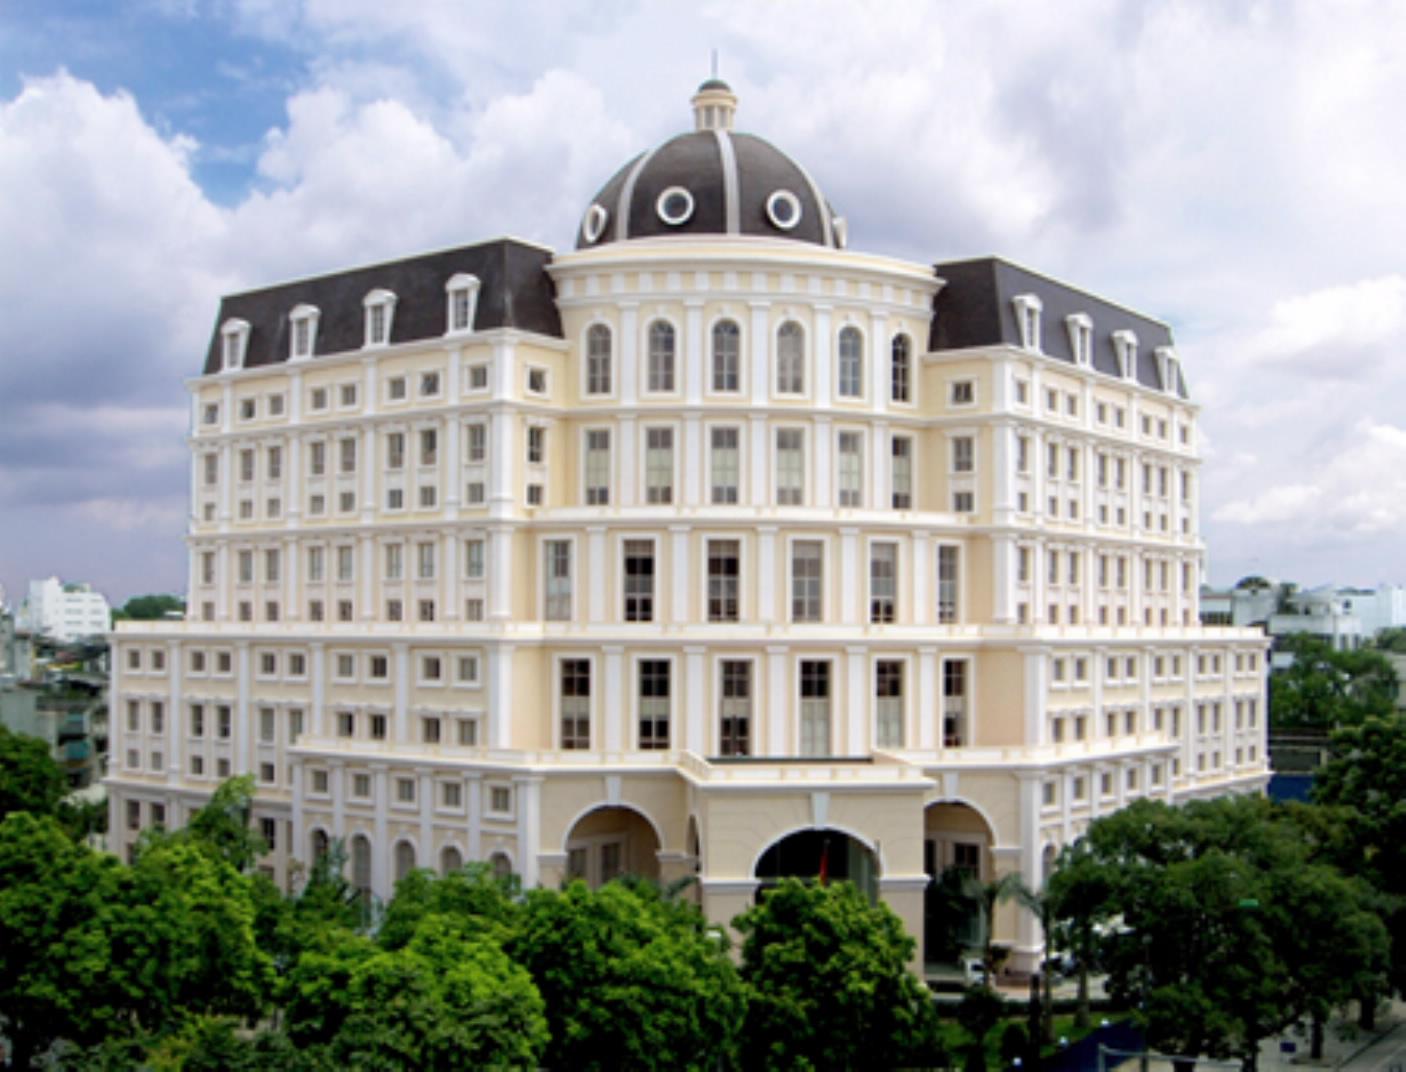 Nhiệm vụ và cơ cấu tổ chức của Bộ Tài chính